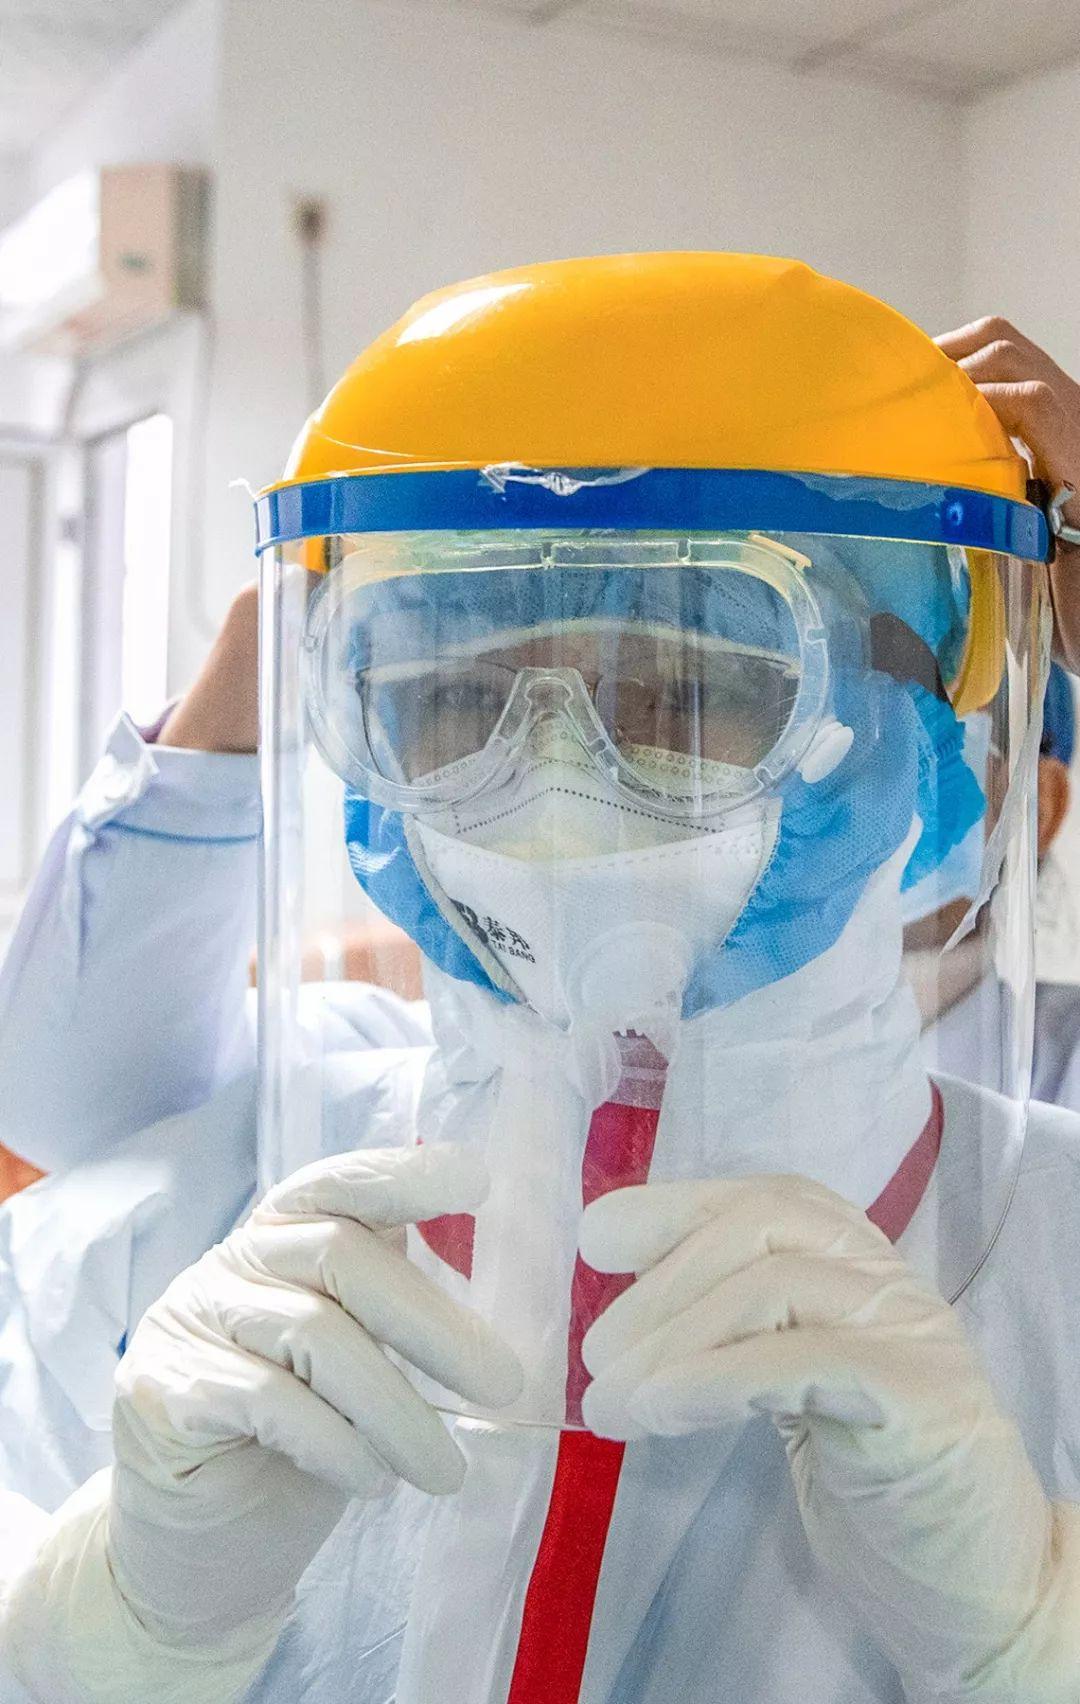 感染病毒后的168小时,你的体内都发生了什么?插图7